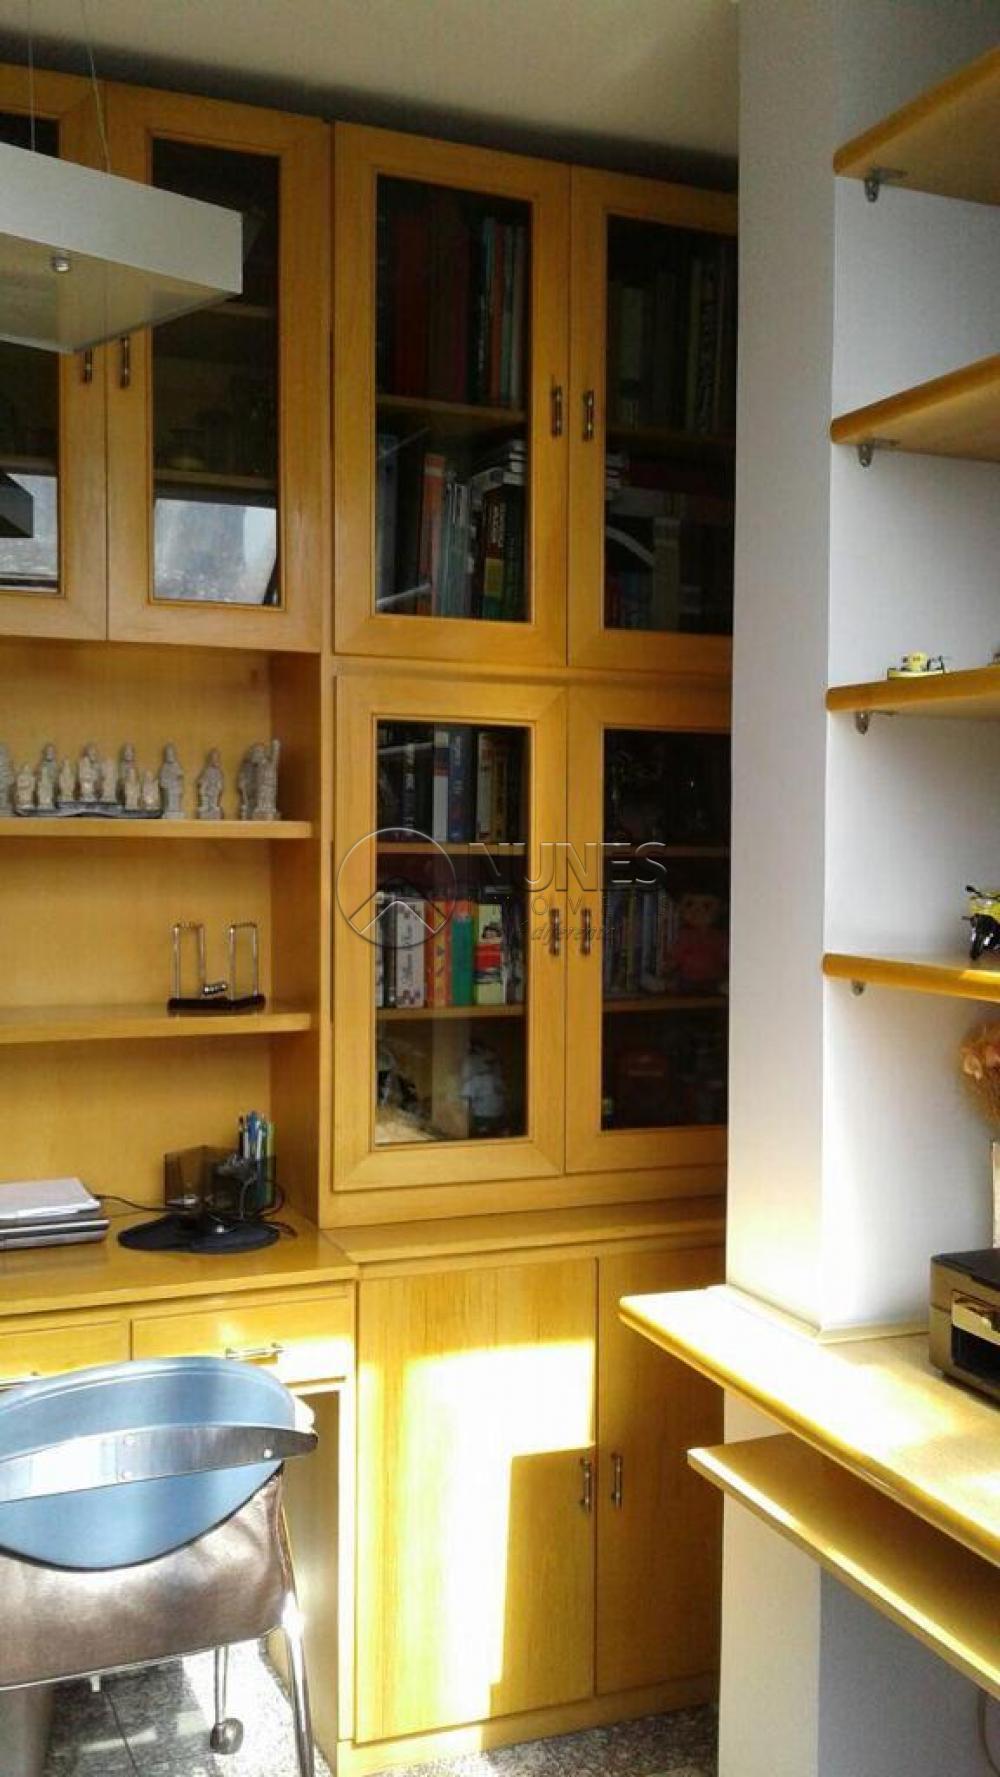 Comprar Apartamento / Cobertura em Osasco apenas R$ 650.000,00 - Foto 18